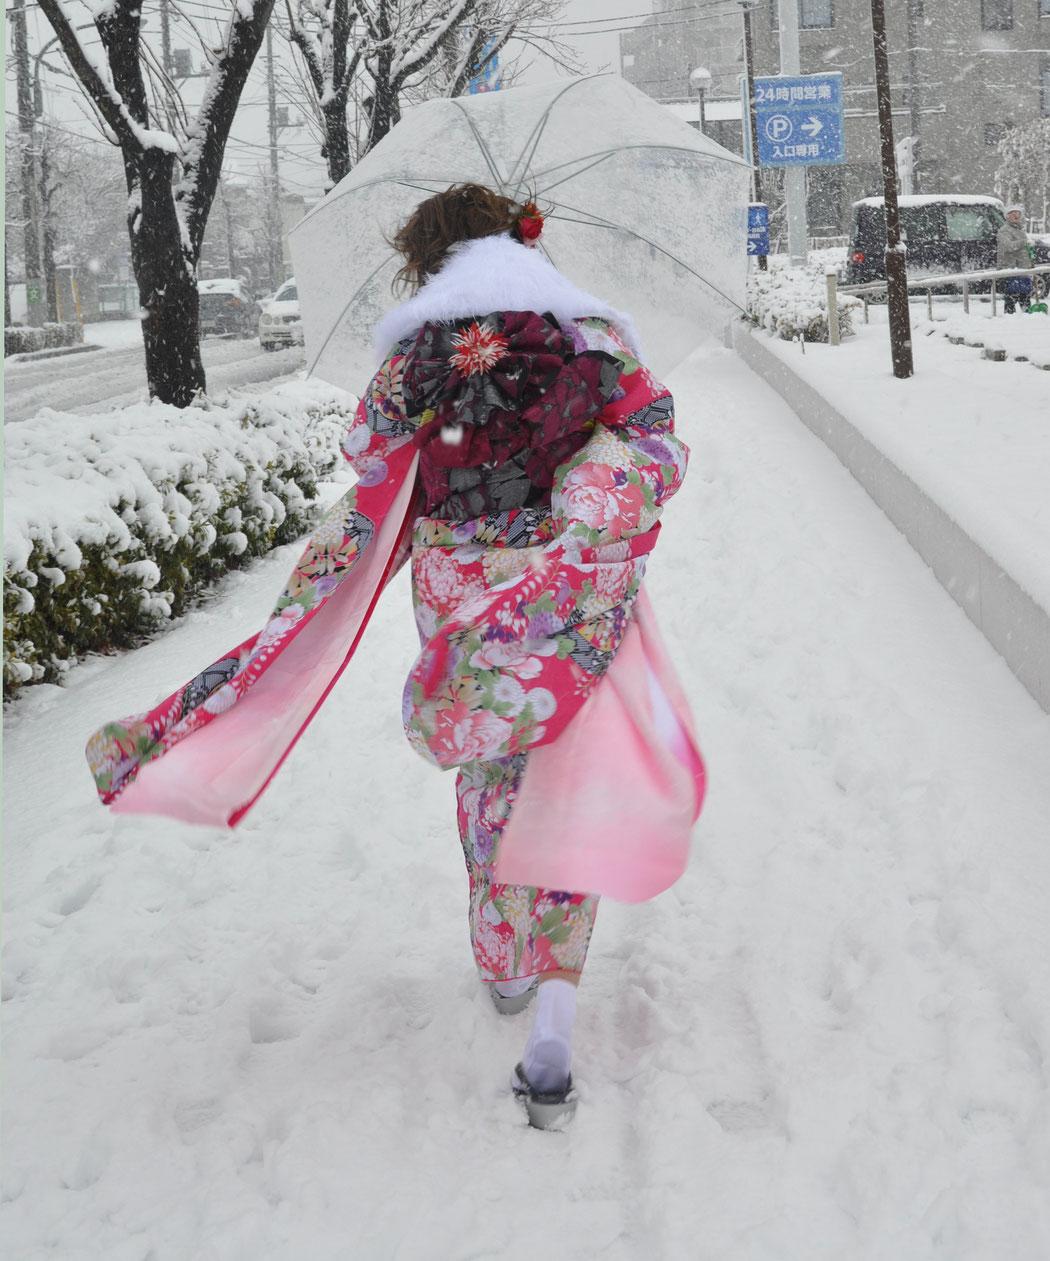 千葉県写真展入選